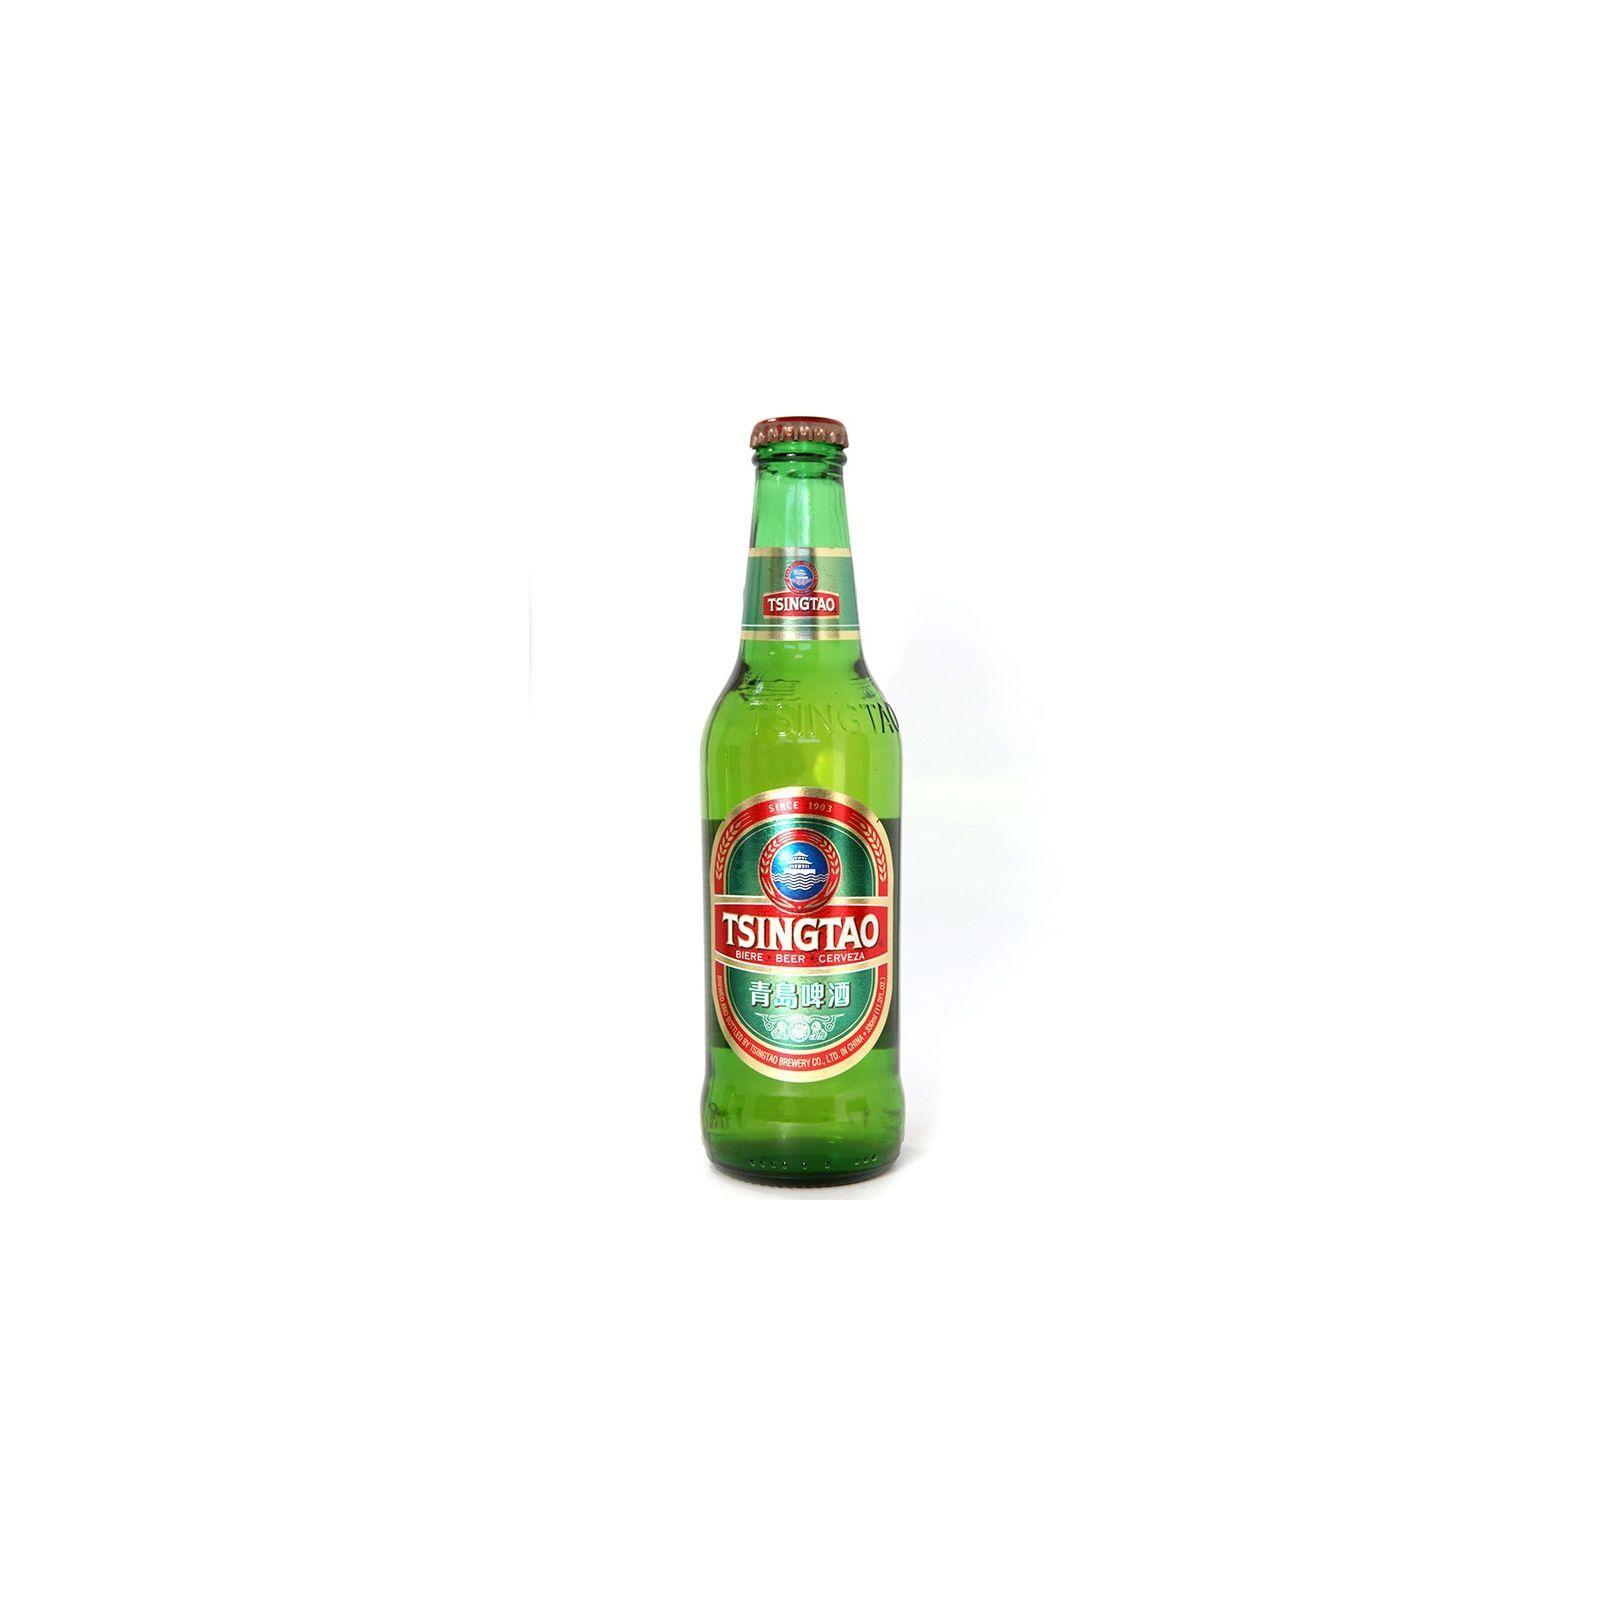 Asia Marché Bière Chinoise Tsingtao 33cl bouteille (4,7°)